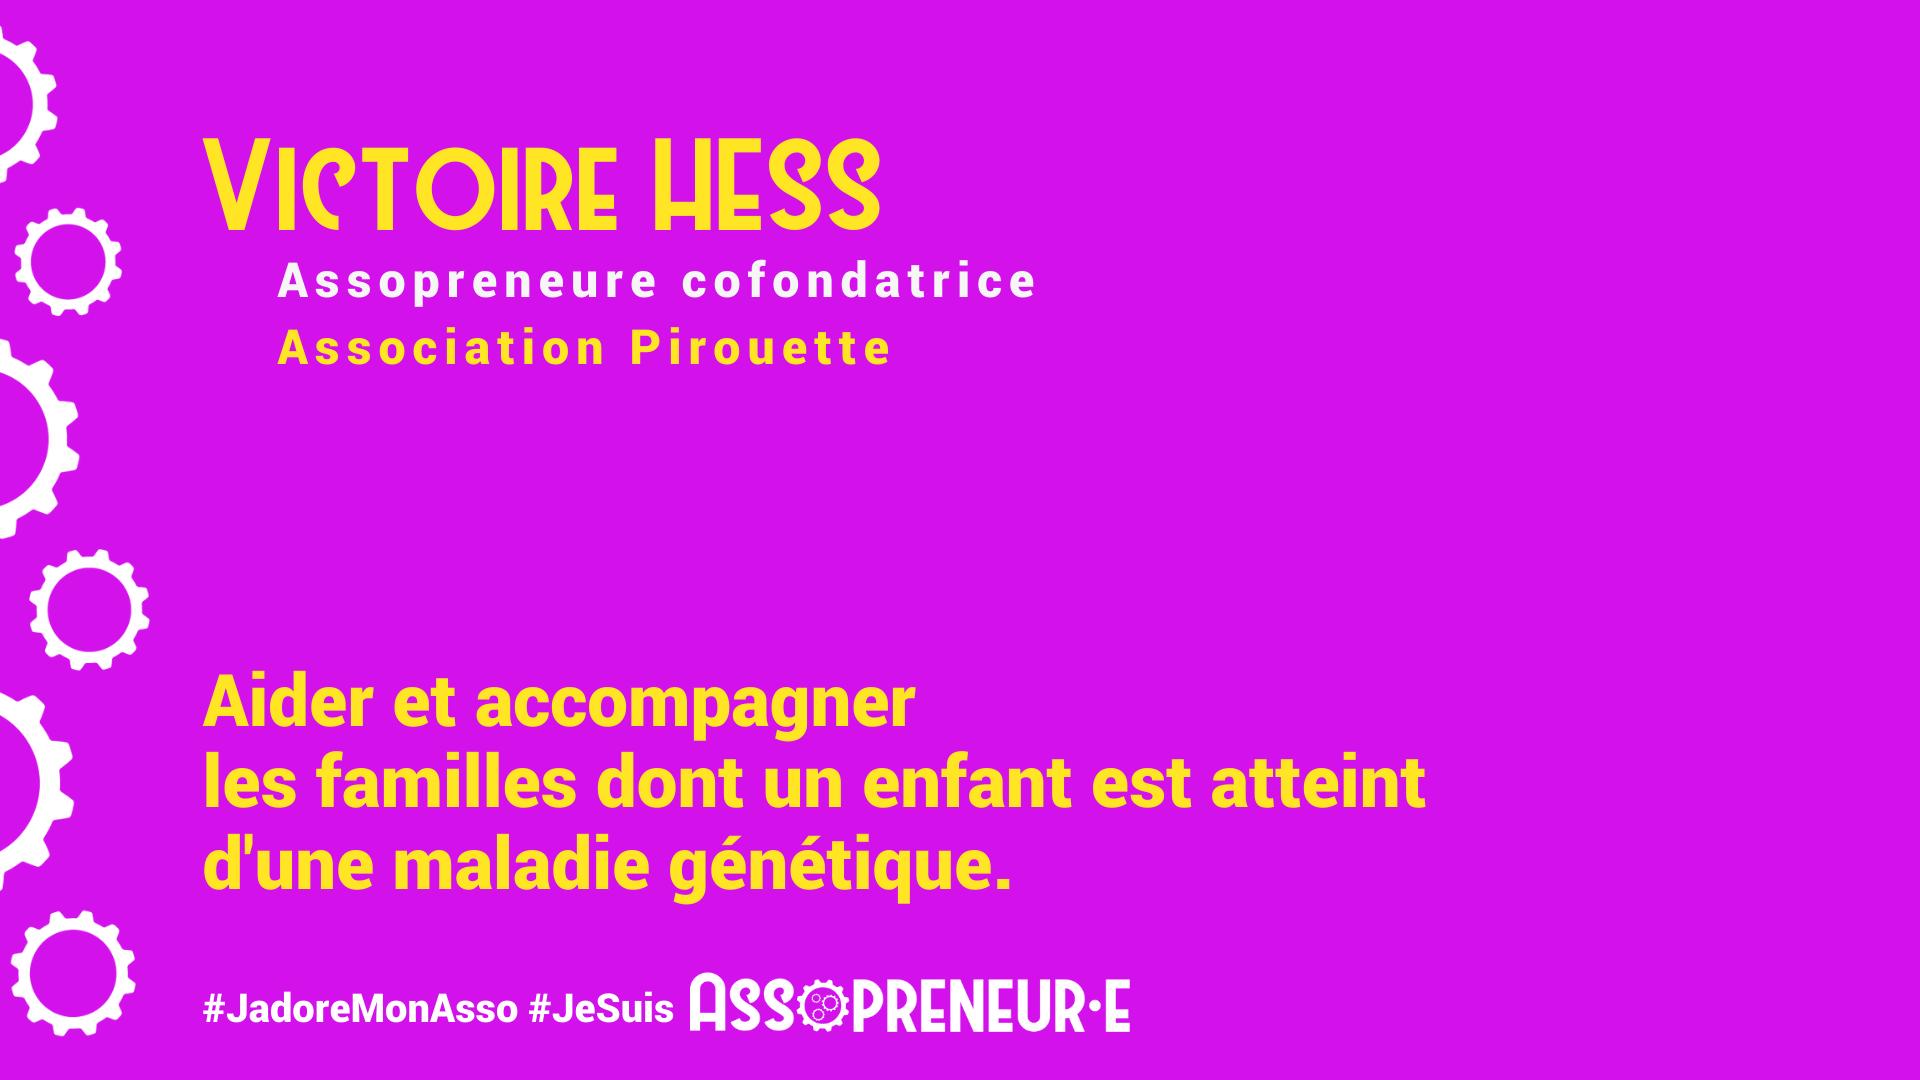 Victoire HESS membre programme Assopreneur